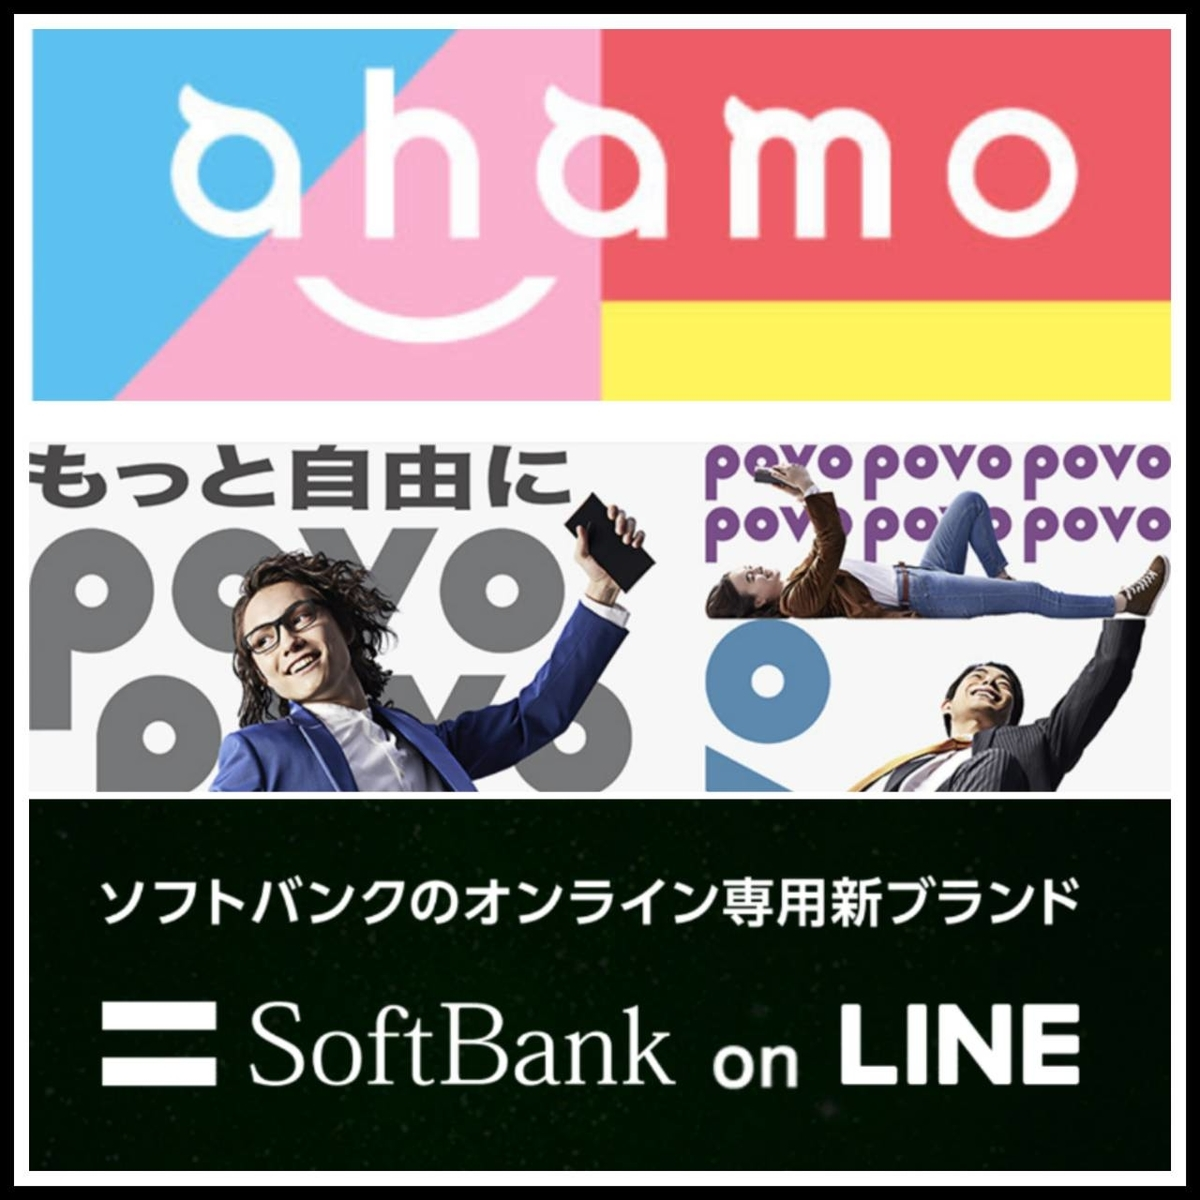 ドコモ・au・ソフトバンク新料金プランの解説「ahamoアハモ・povoポヴォ・Softbank on Lineソフトバンクオンライン」徹底比較